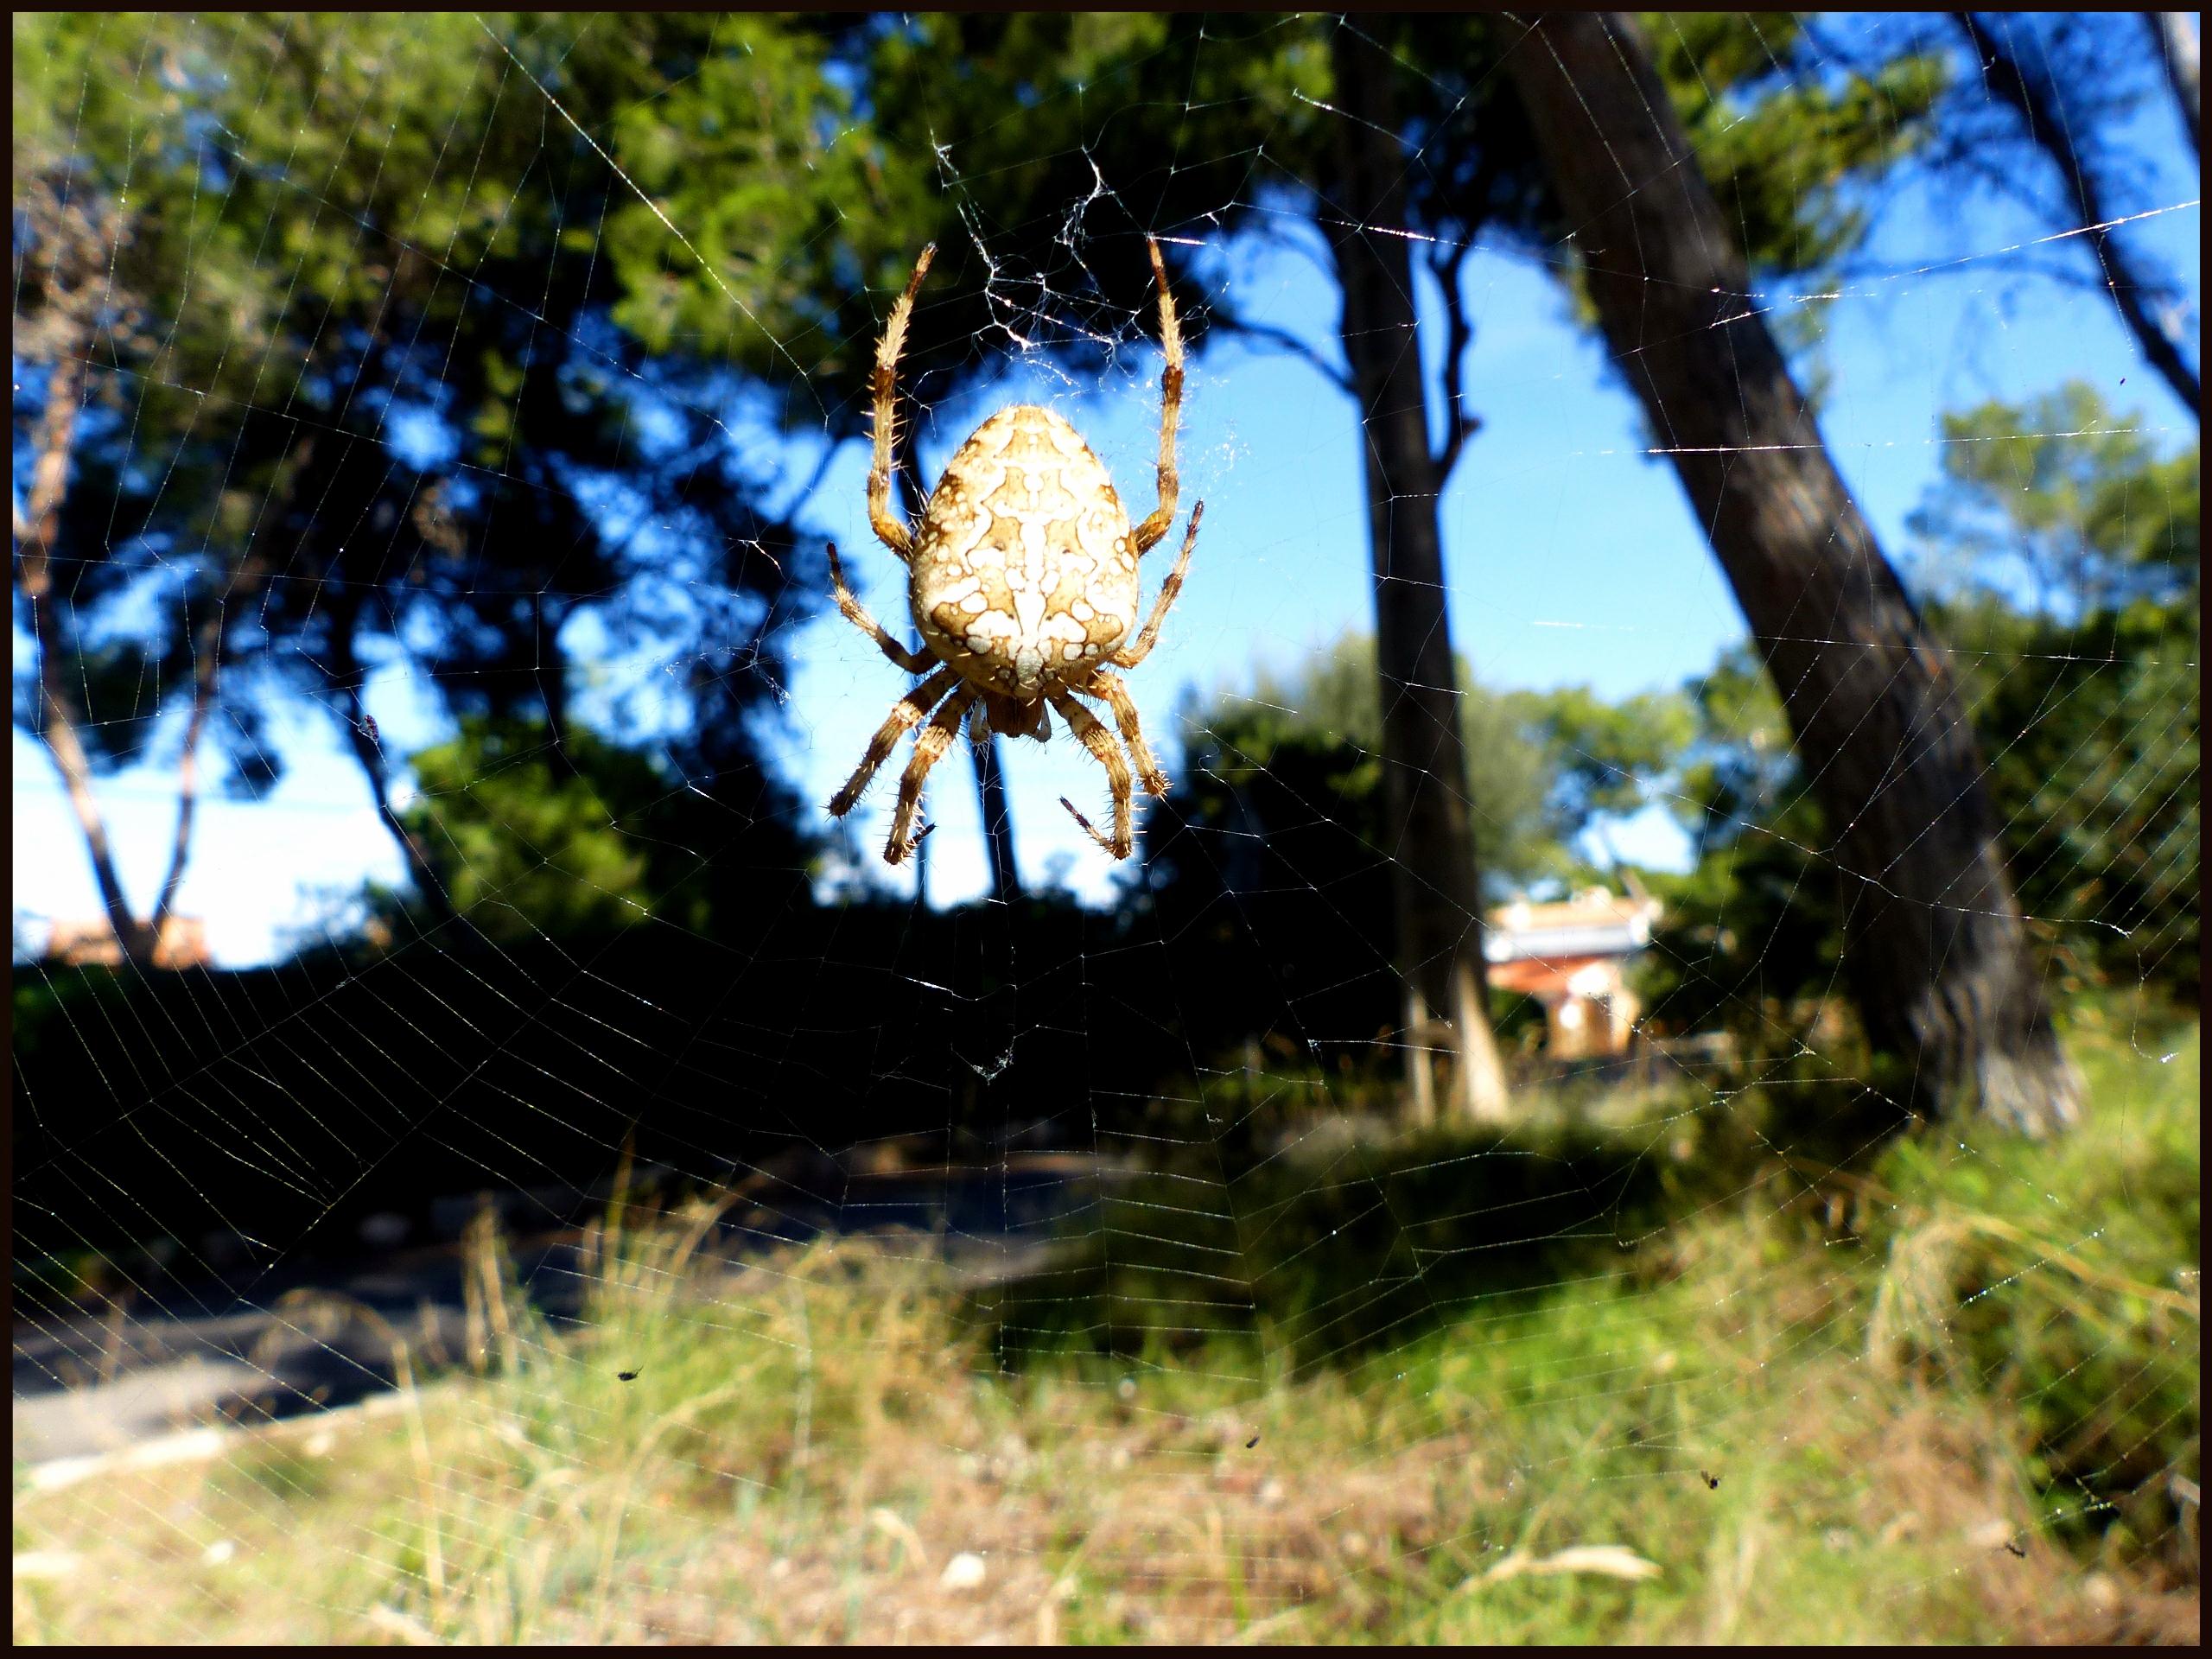 Diadem spider